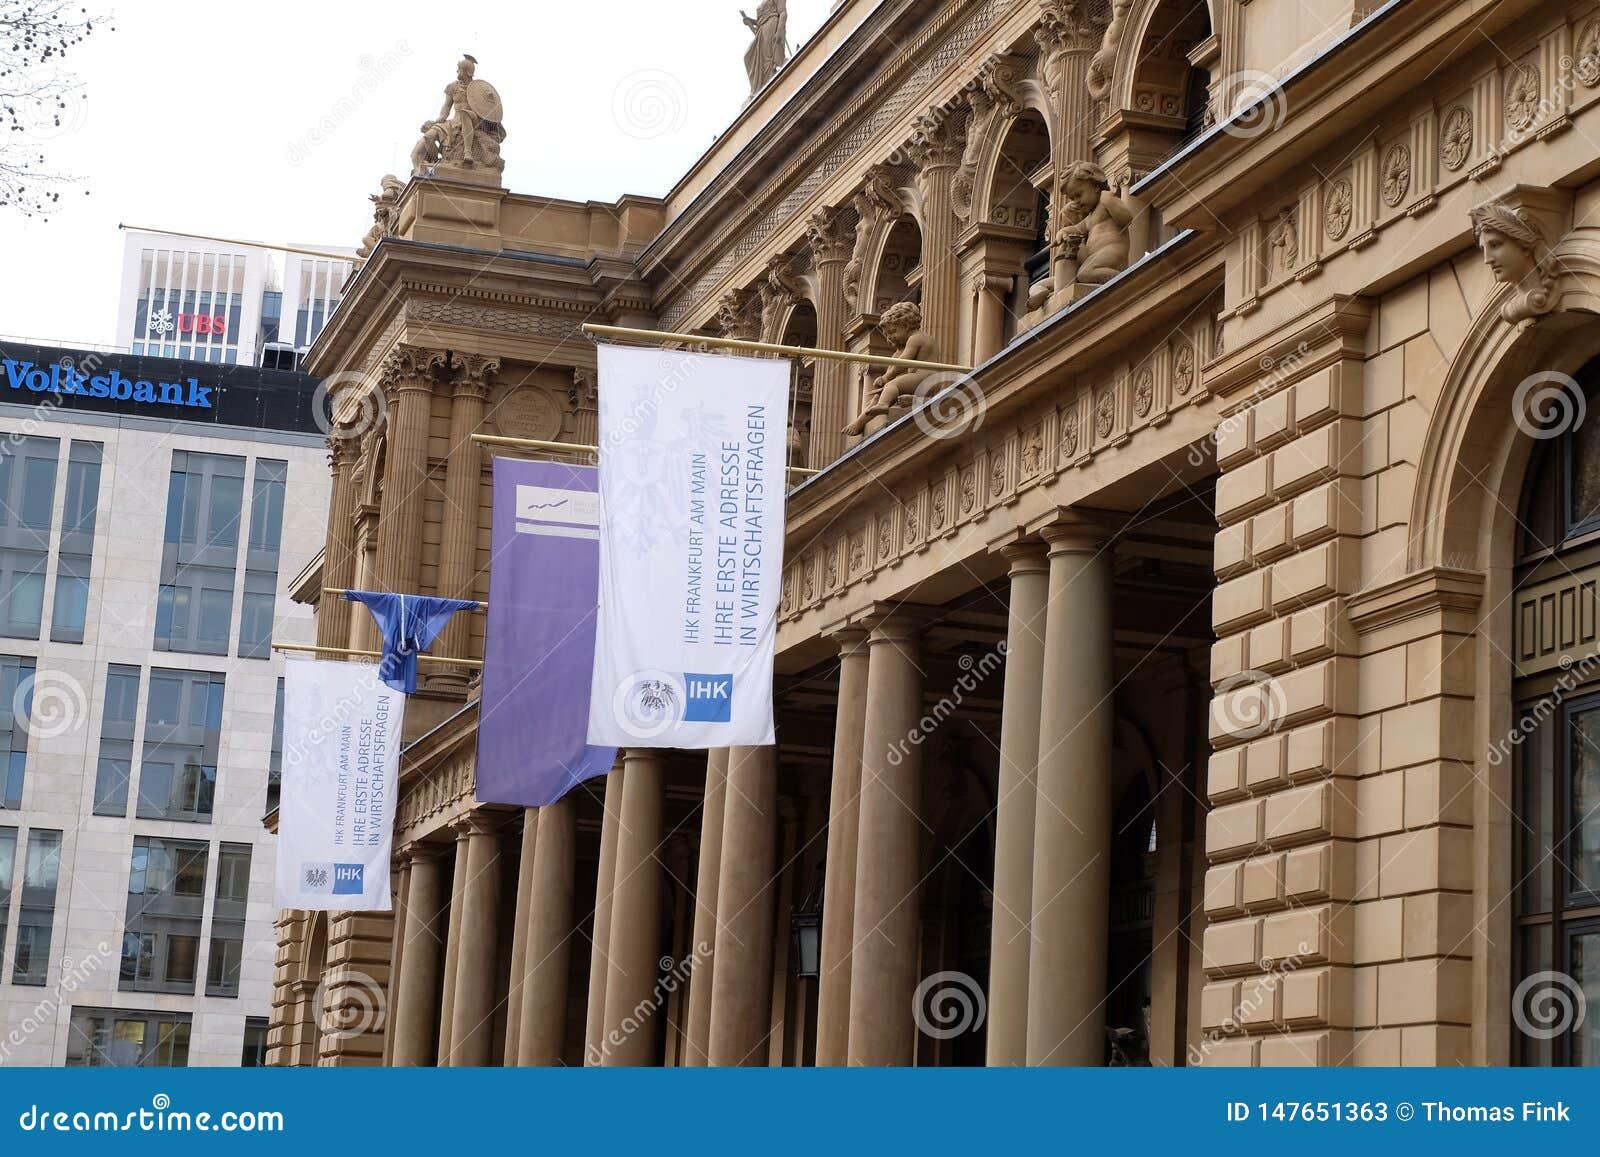 Frankfurt Börse rynek papierów wartościowych wymiana